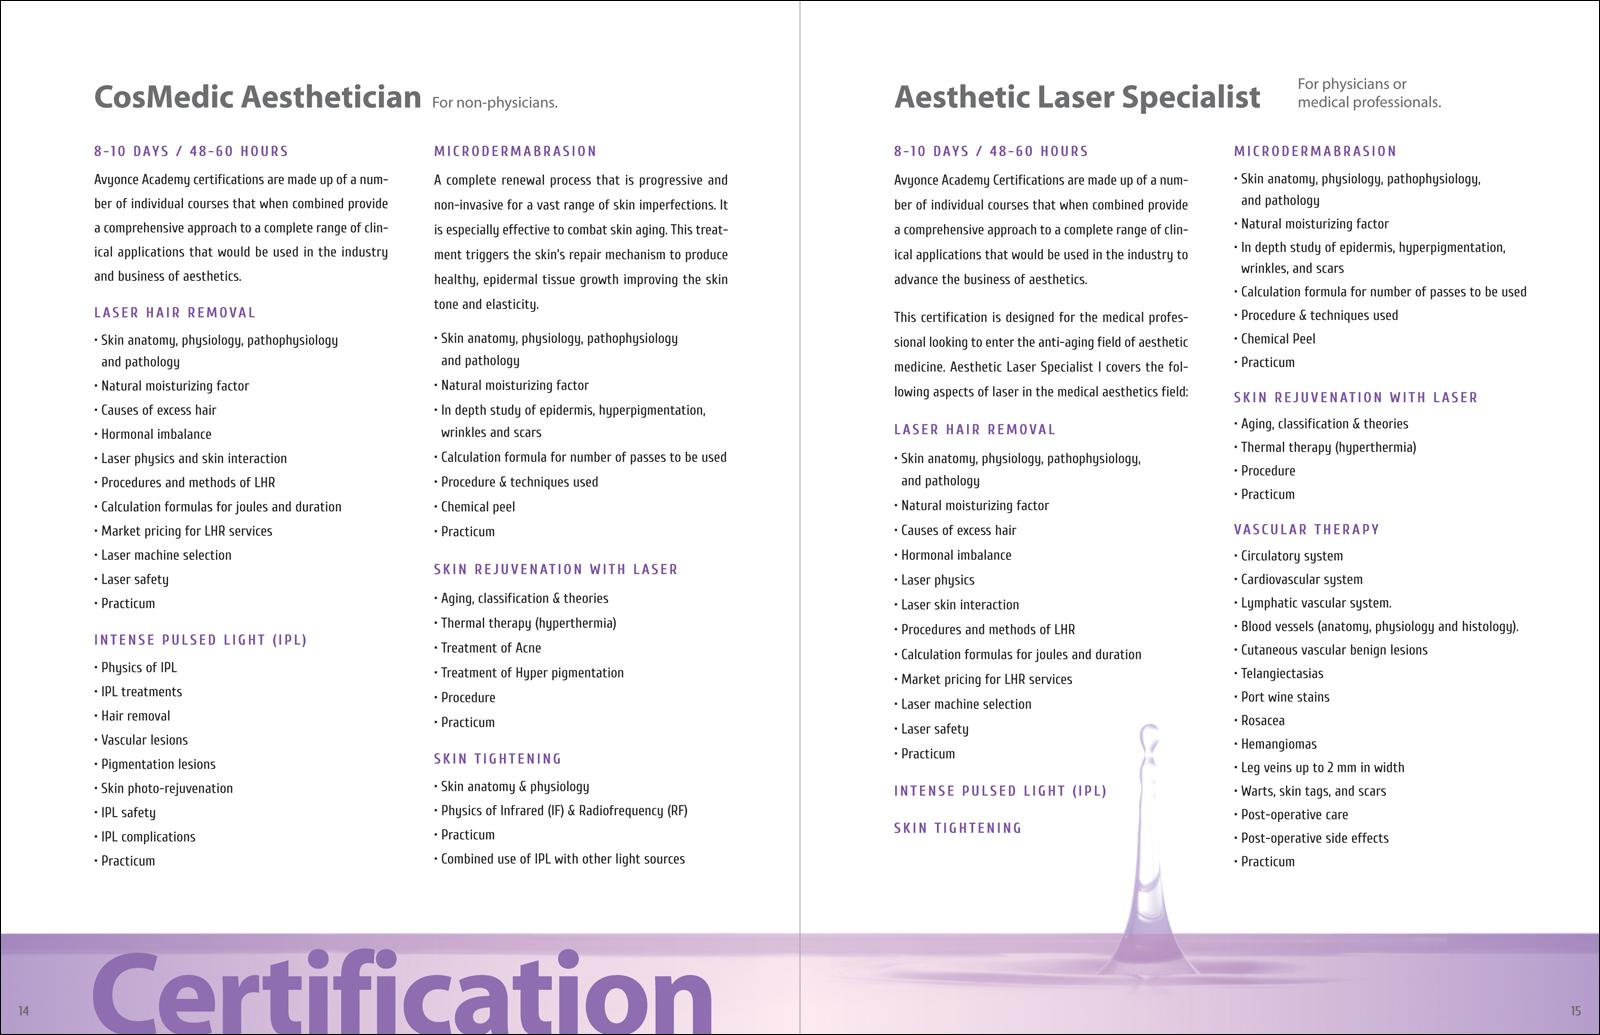 Avyonce-Academy-Brochure-8.jpg